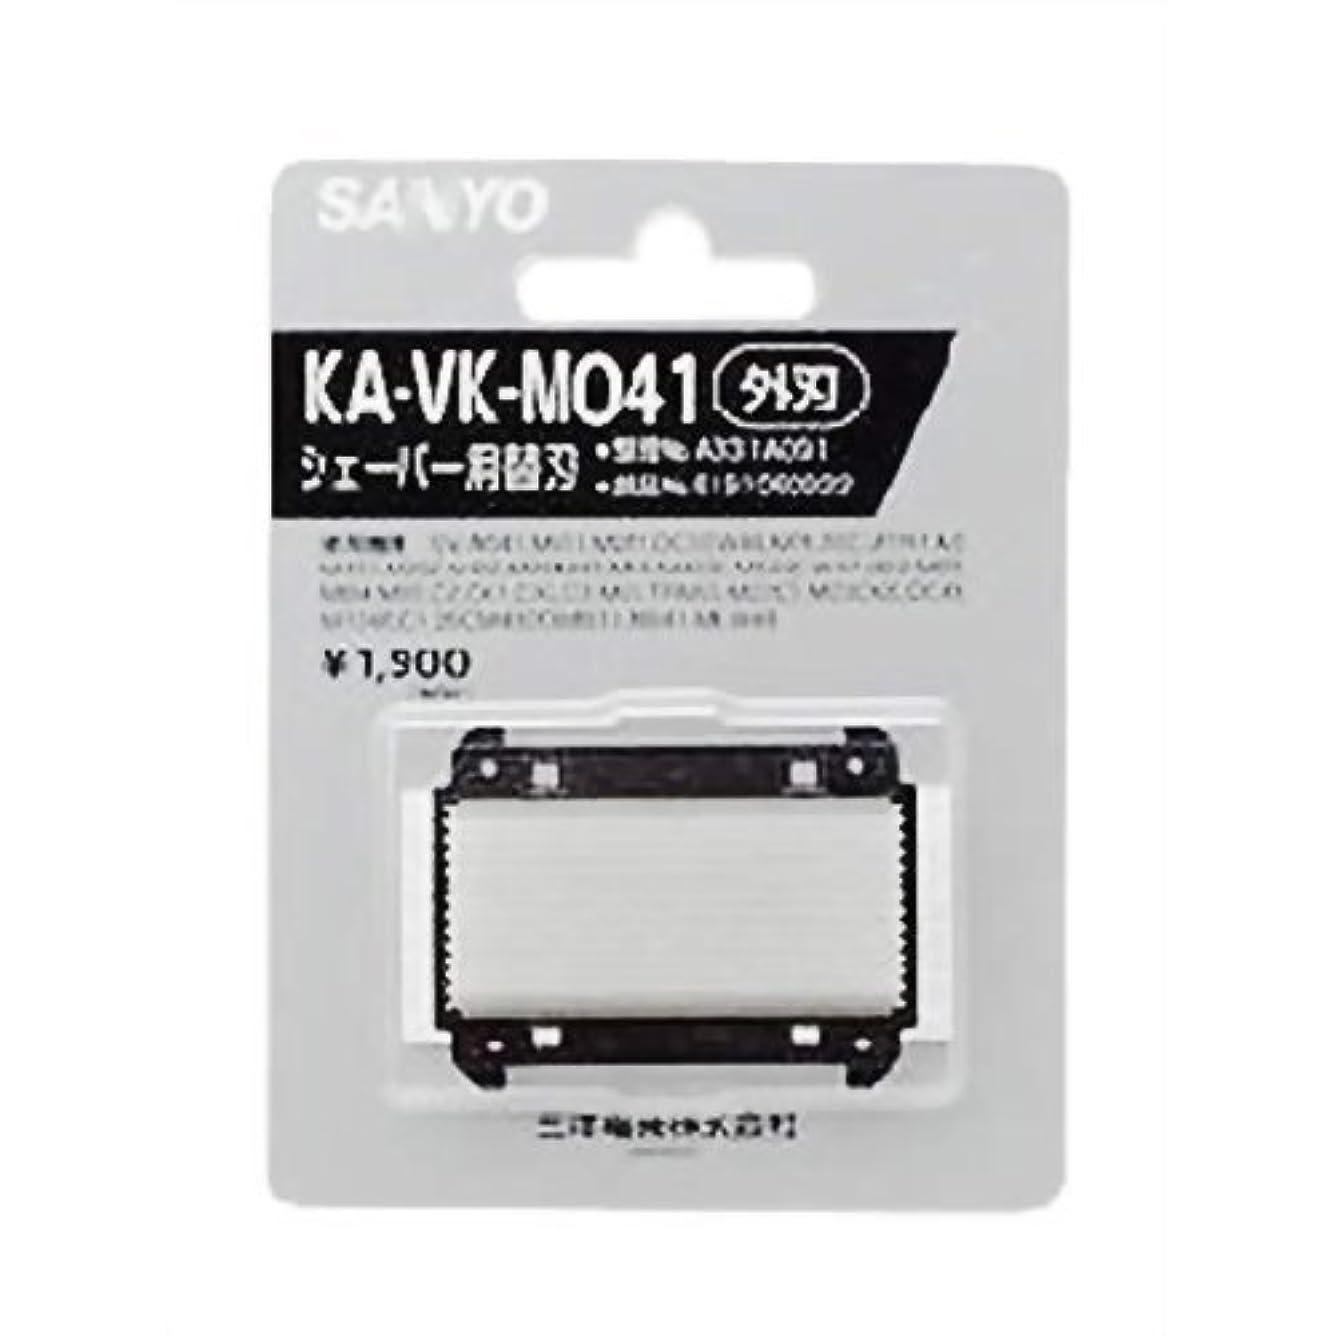 すすり泣きクライマックス荒涼としたSANYO シェーバー用替刃 外刃 KA-VK-M041